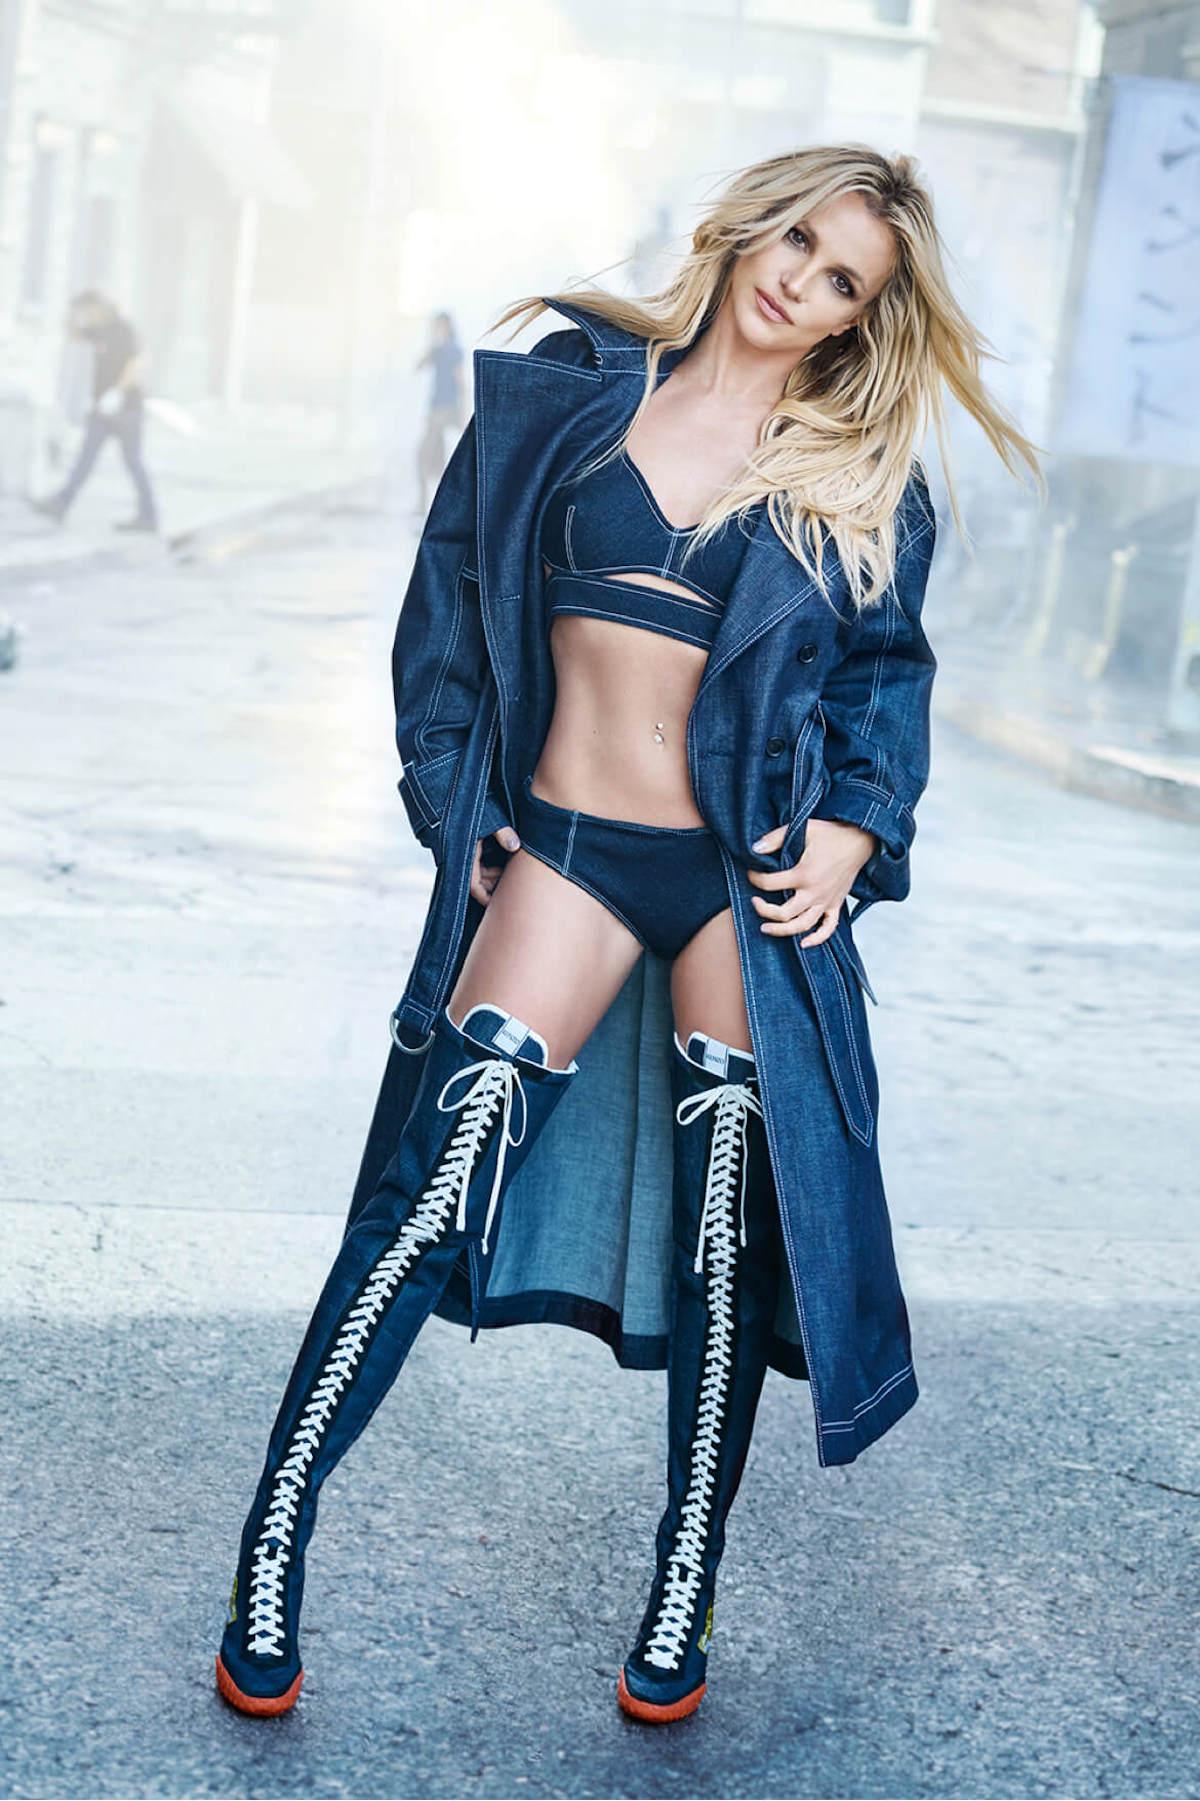 «Да это не она»: Поклонники не узнали Бритни Спирс в новой рекламе Kenzo